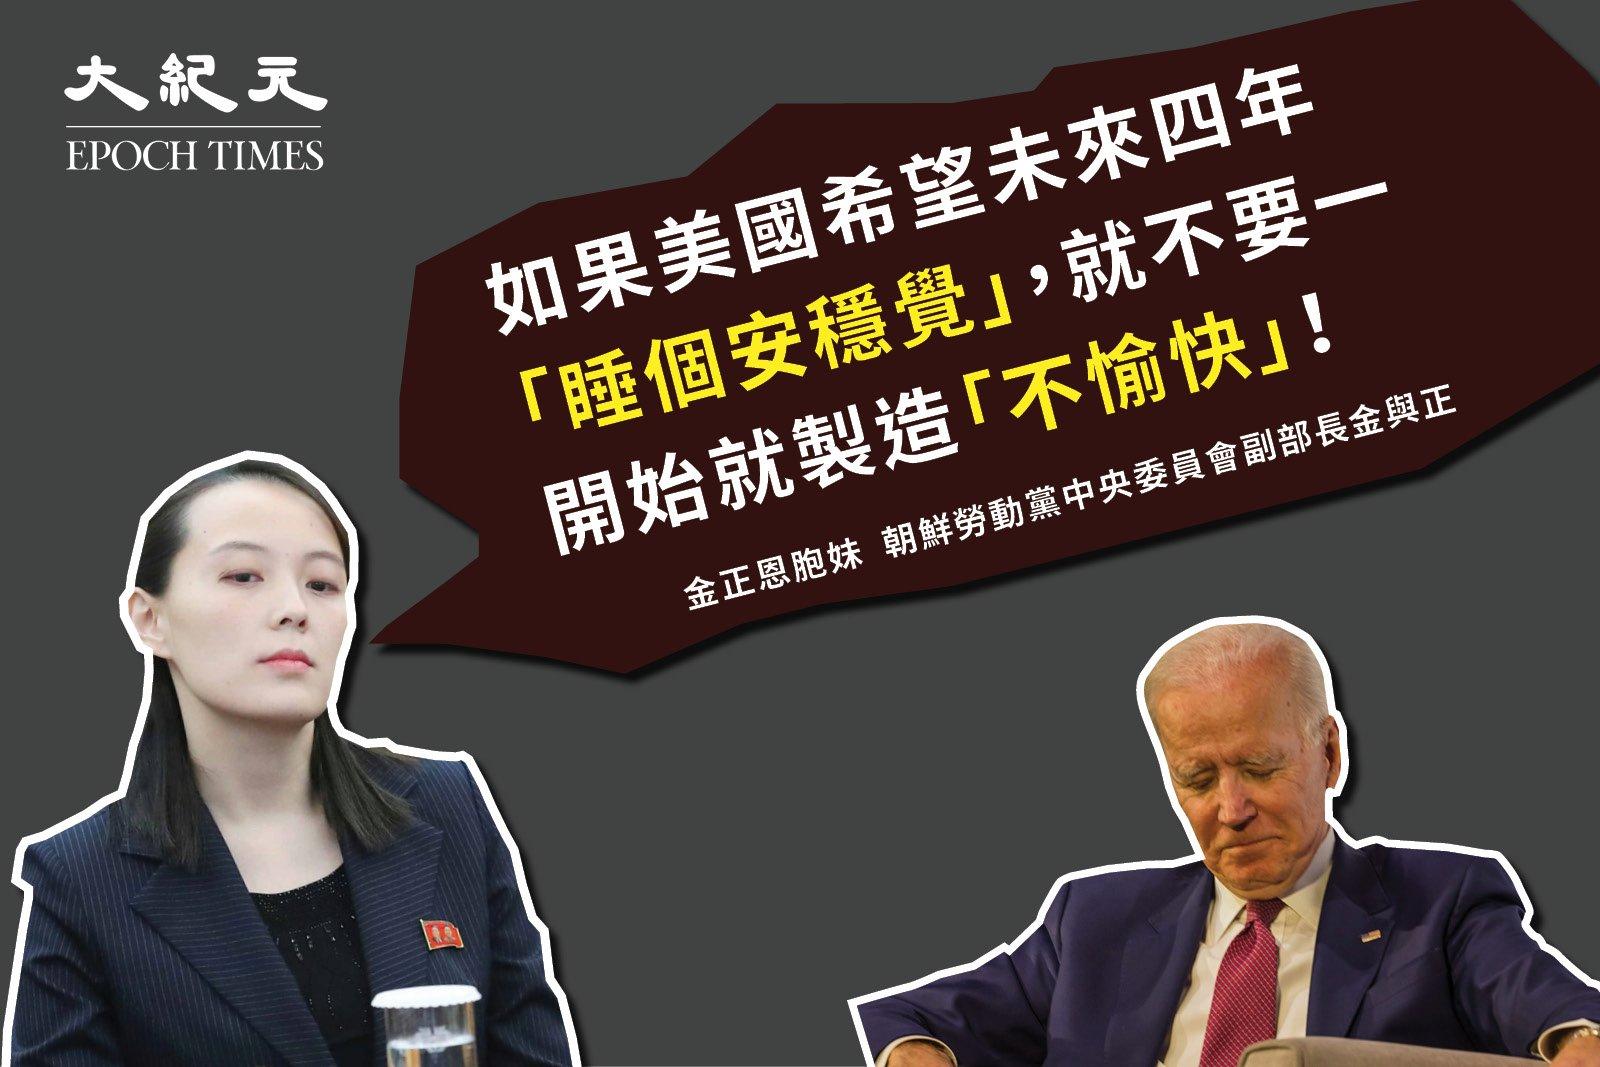 北韓領導人金正恩的妹妹金與正,今(3月16日)突然對拜登發出警告,如果美國希望未來四年「睡個安穩覺」,就不要一開始就製造「不愉快」。(大紀元製圖)